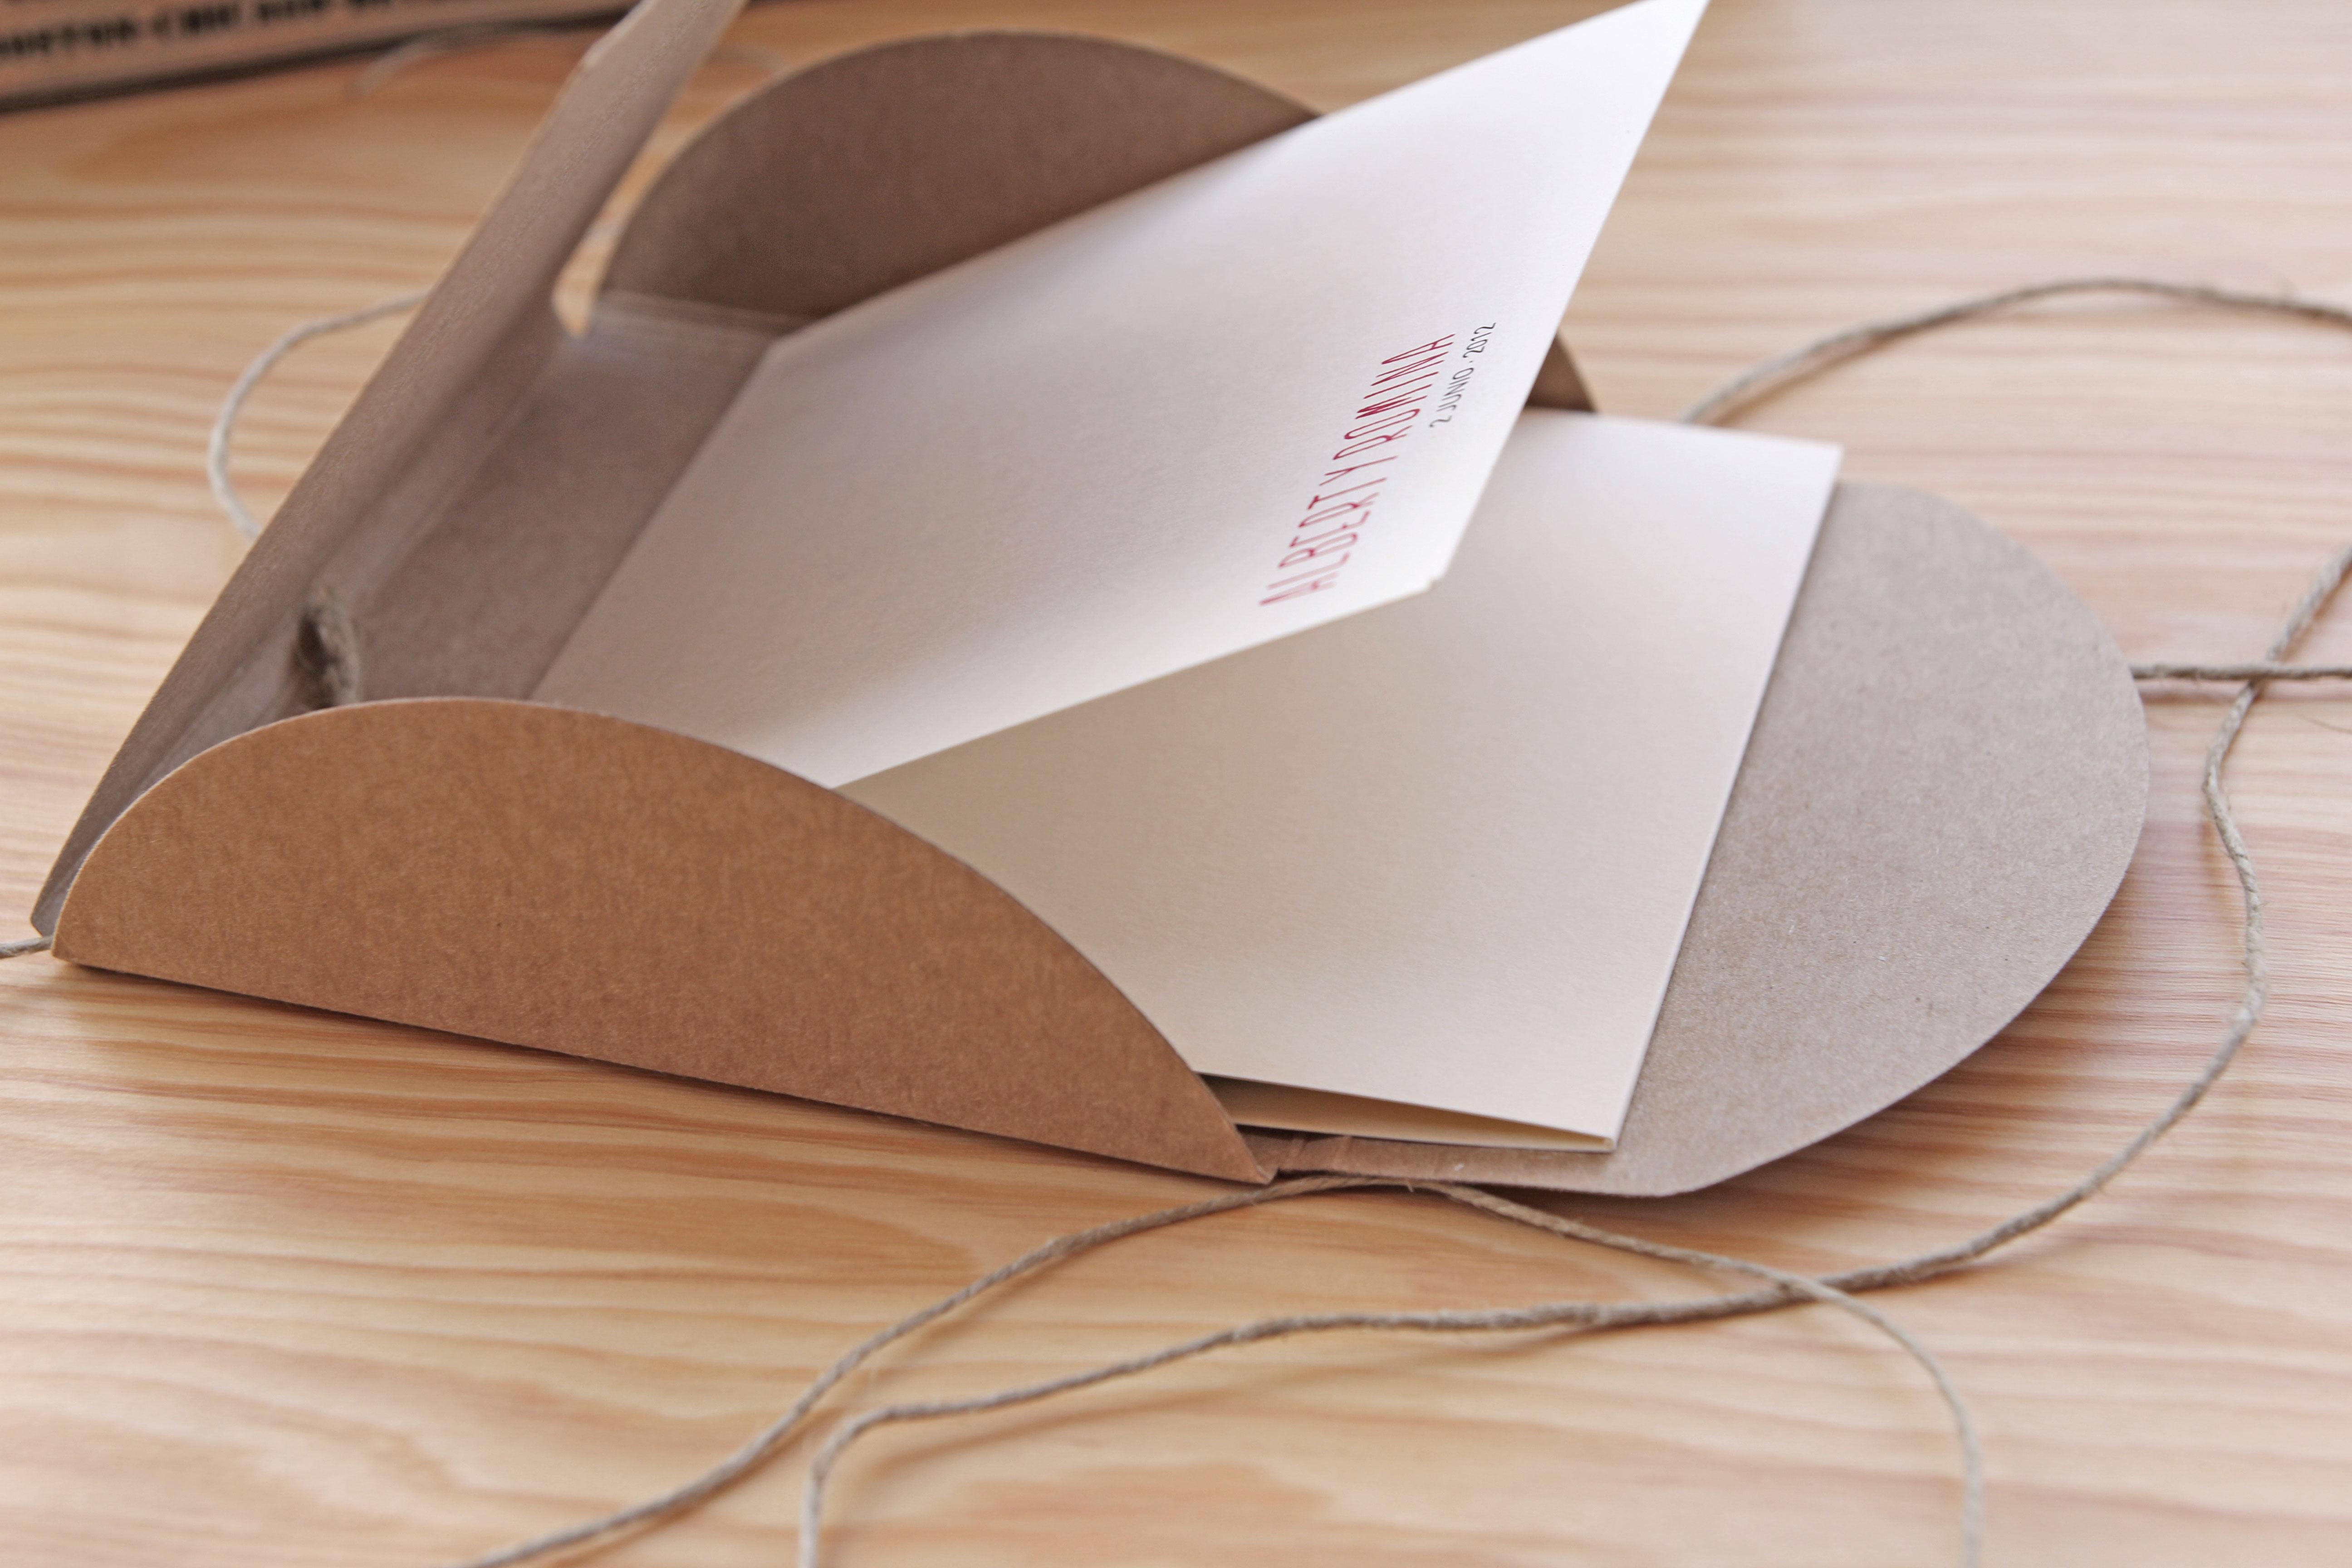 Invitaciones de boda que cuentan historias - muymolon